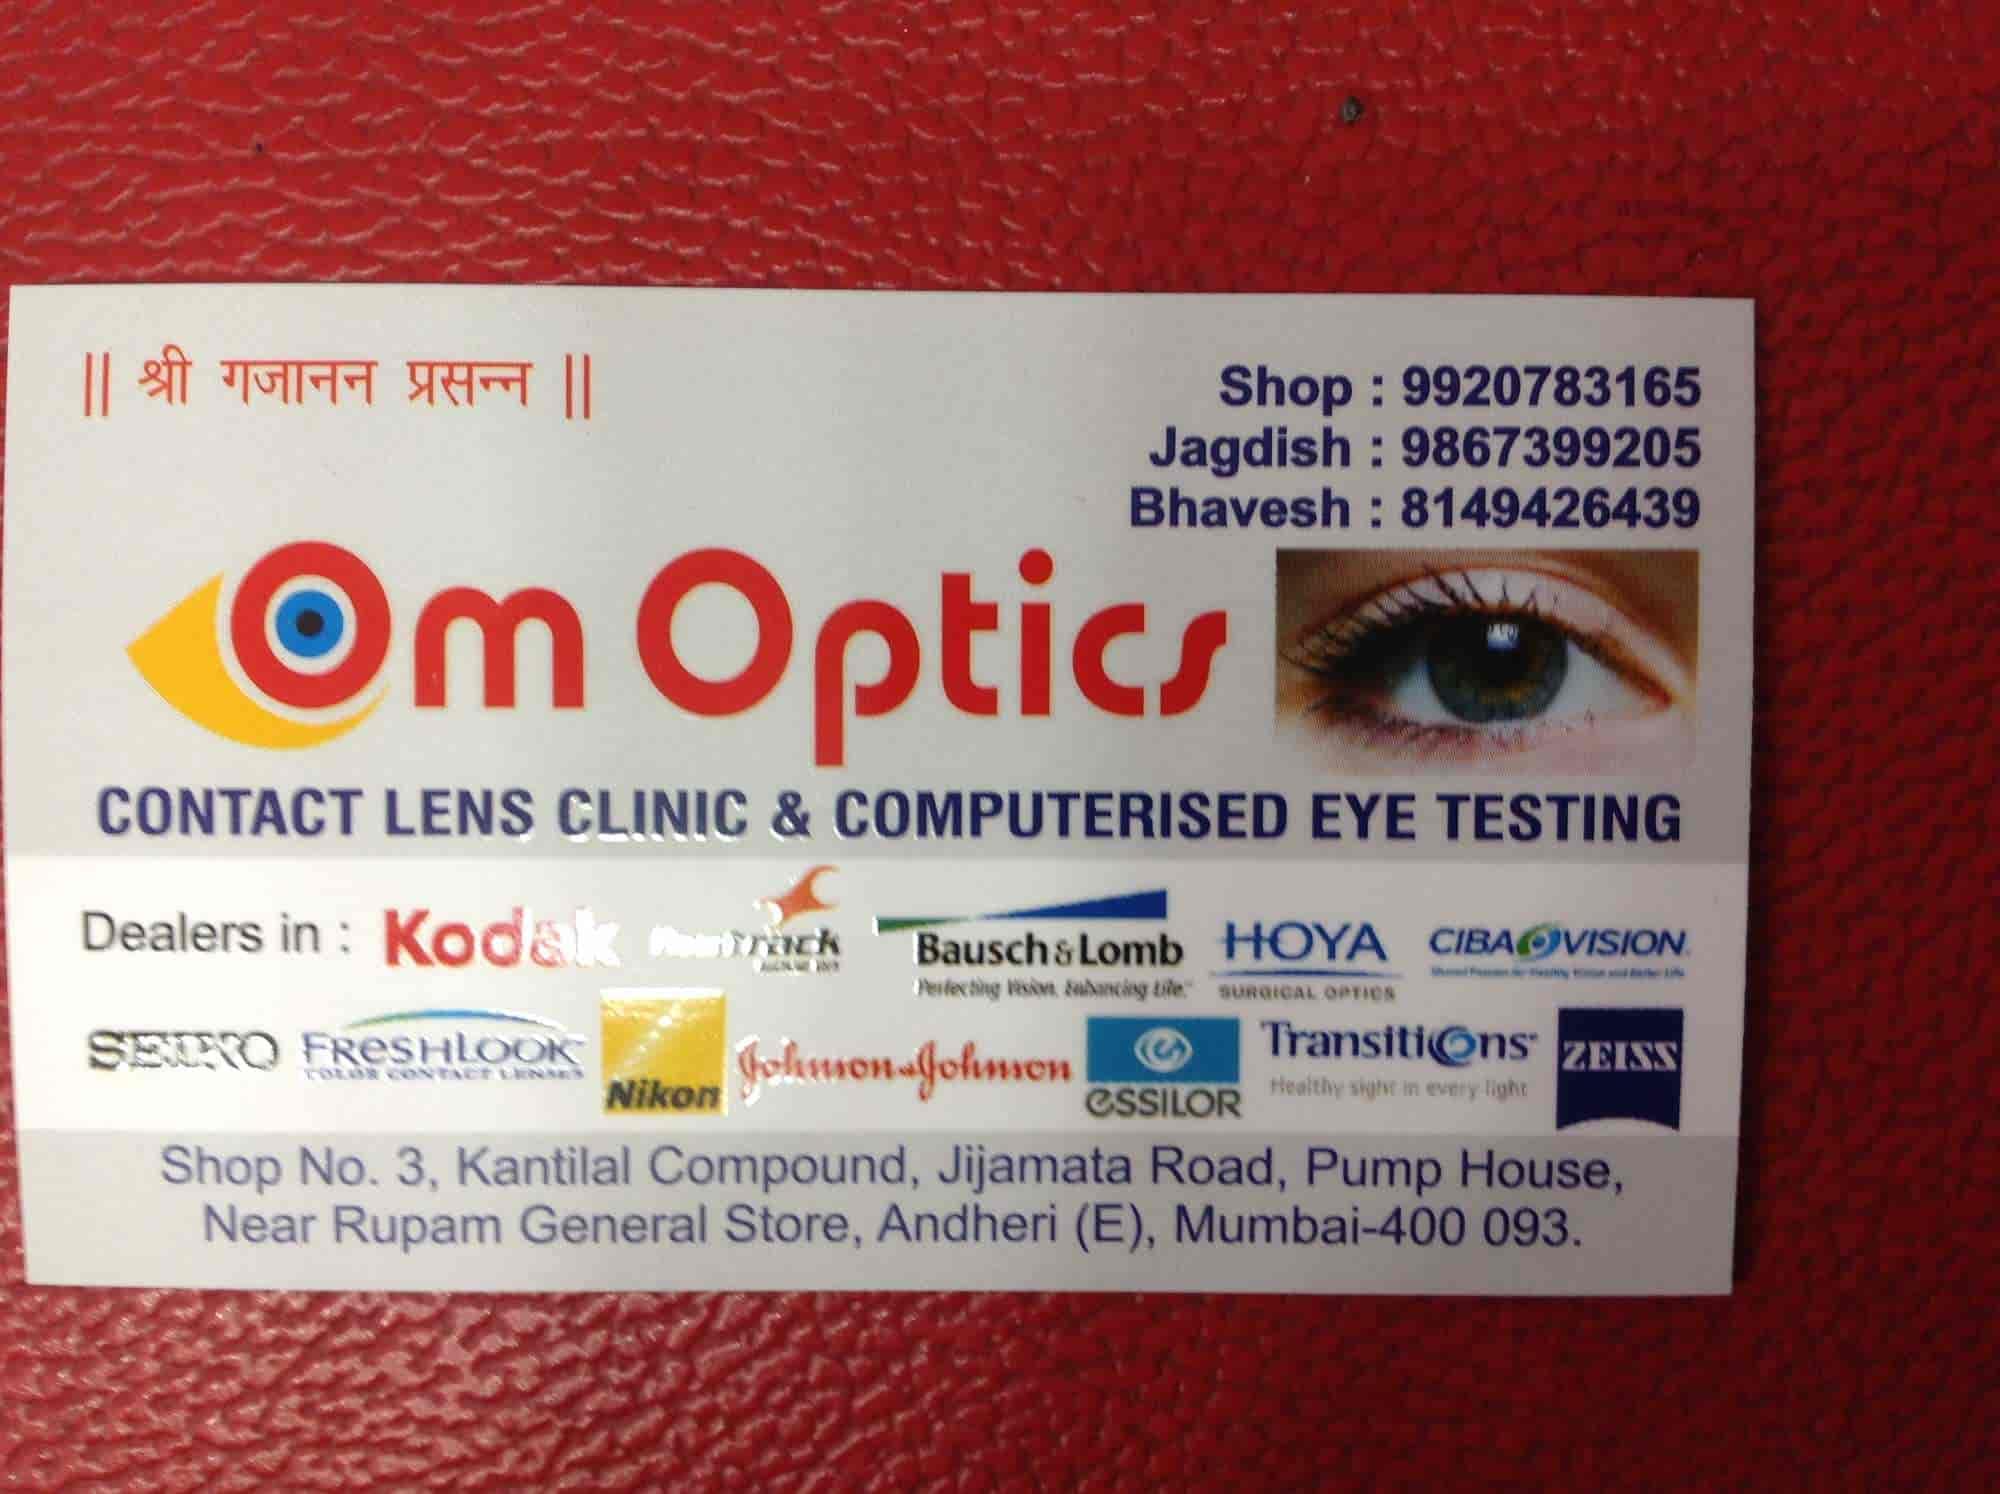 4b4db724d1 Om Optics Contact Lens Clinic